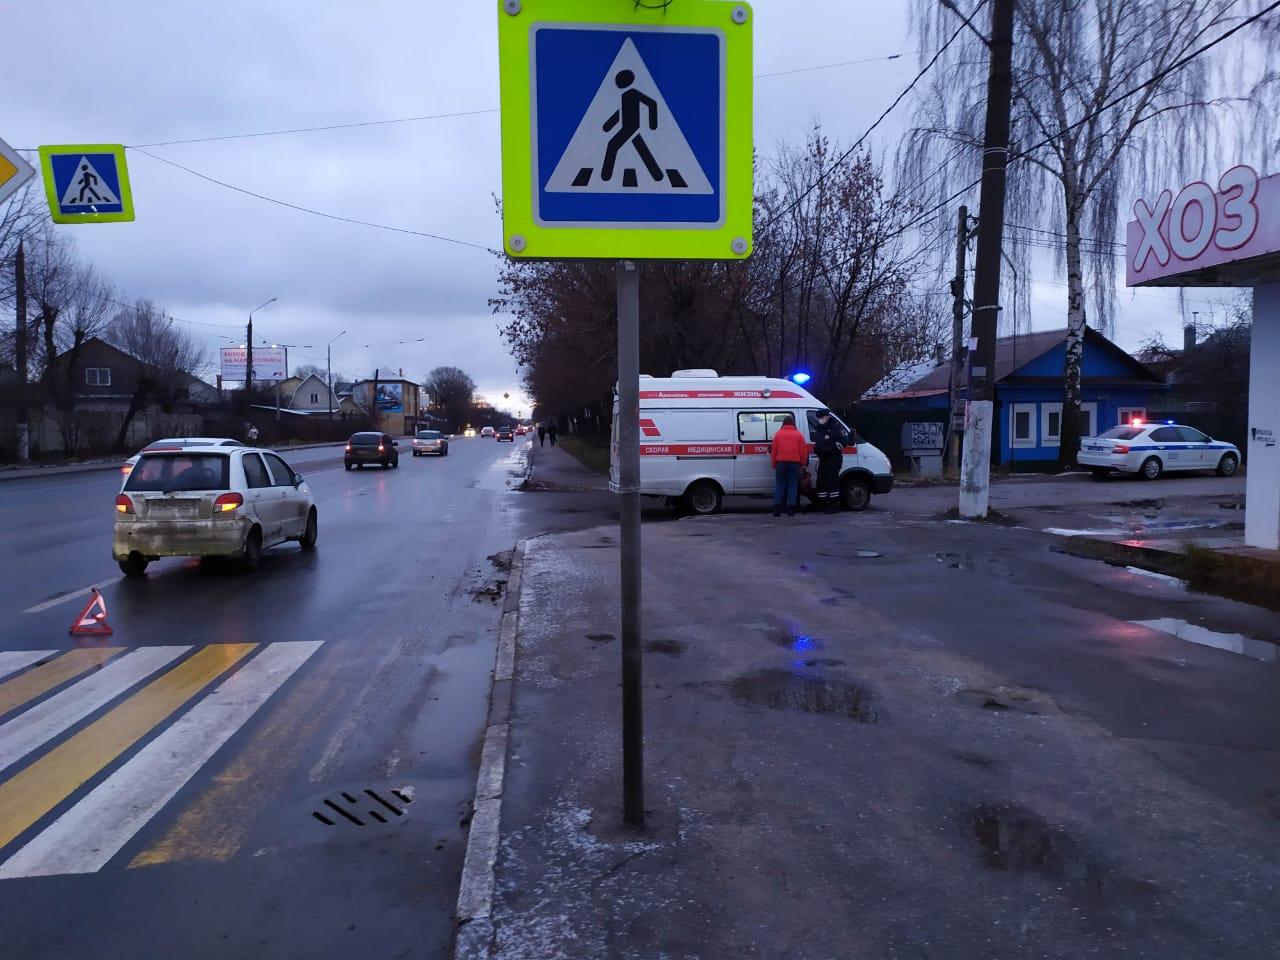 В Твери водитель Daewoo Matiz сбил 19-летнего пешехода - новости Афанасий